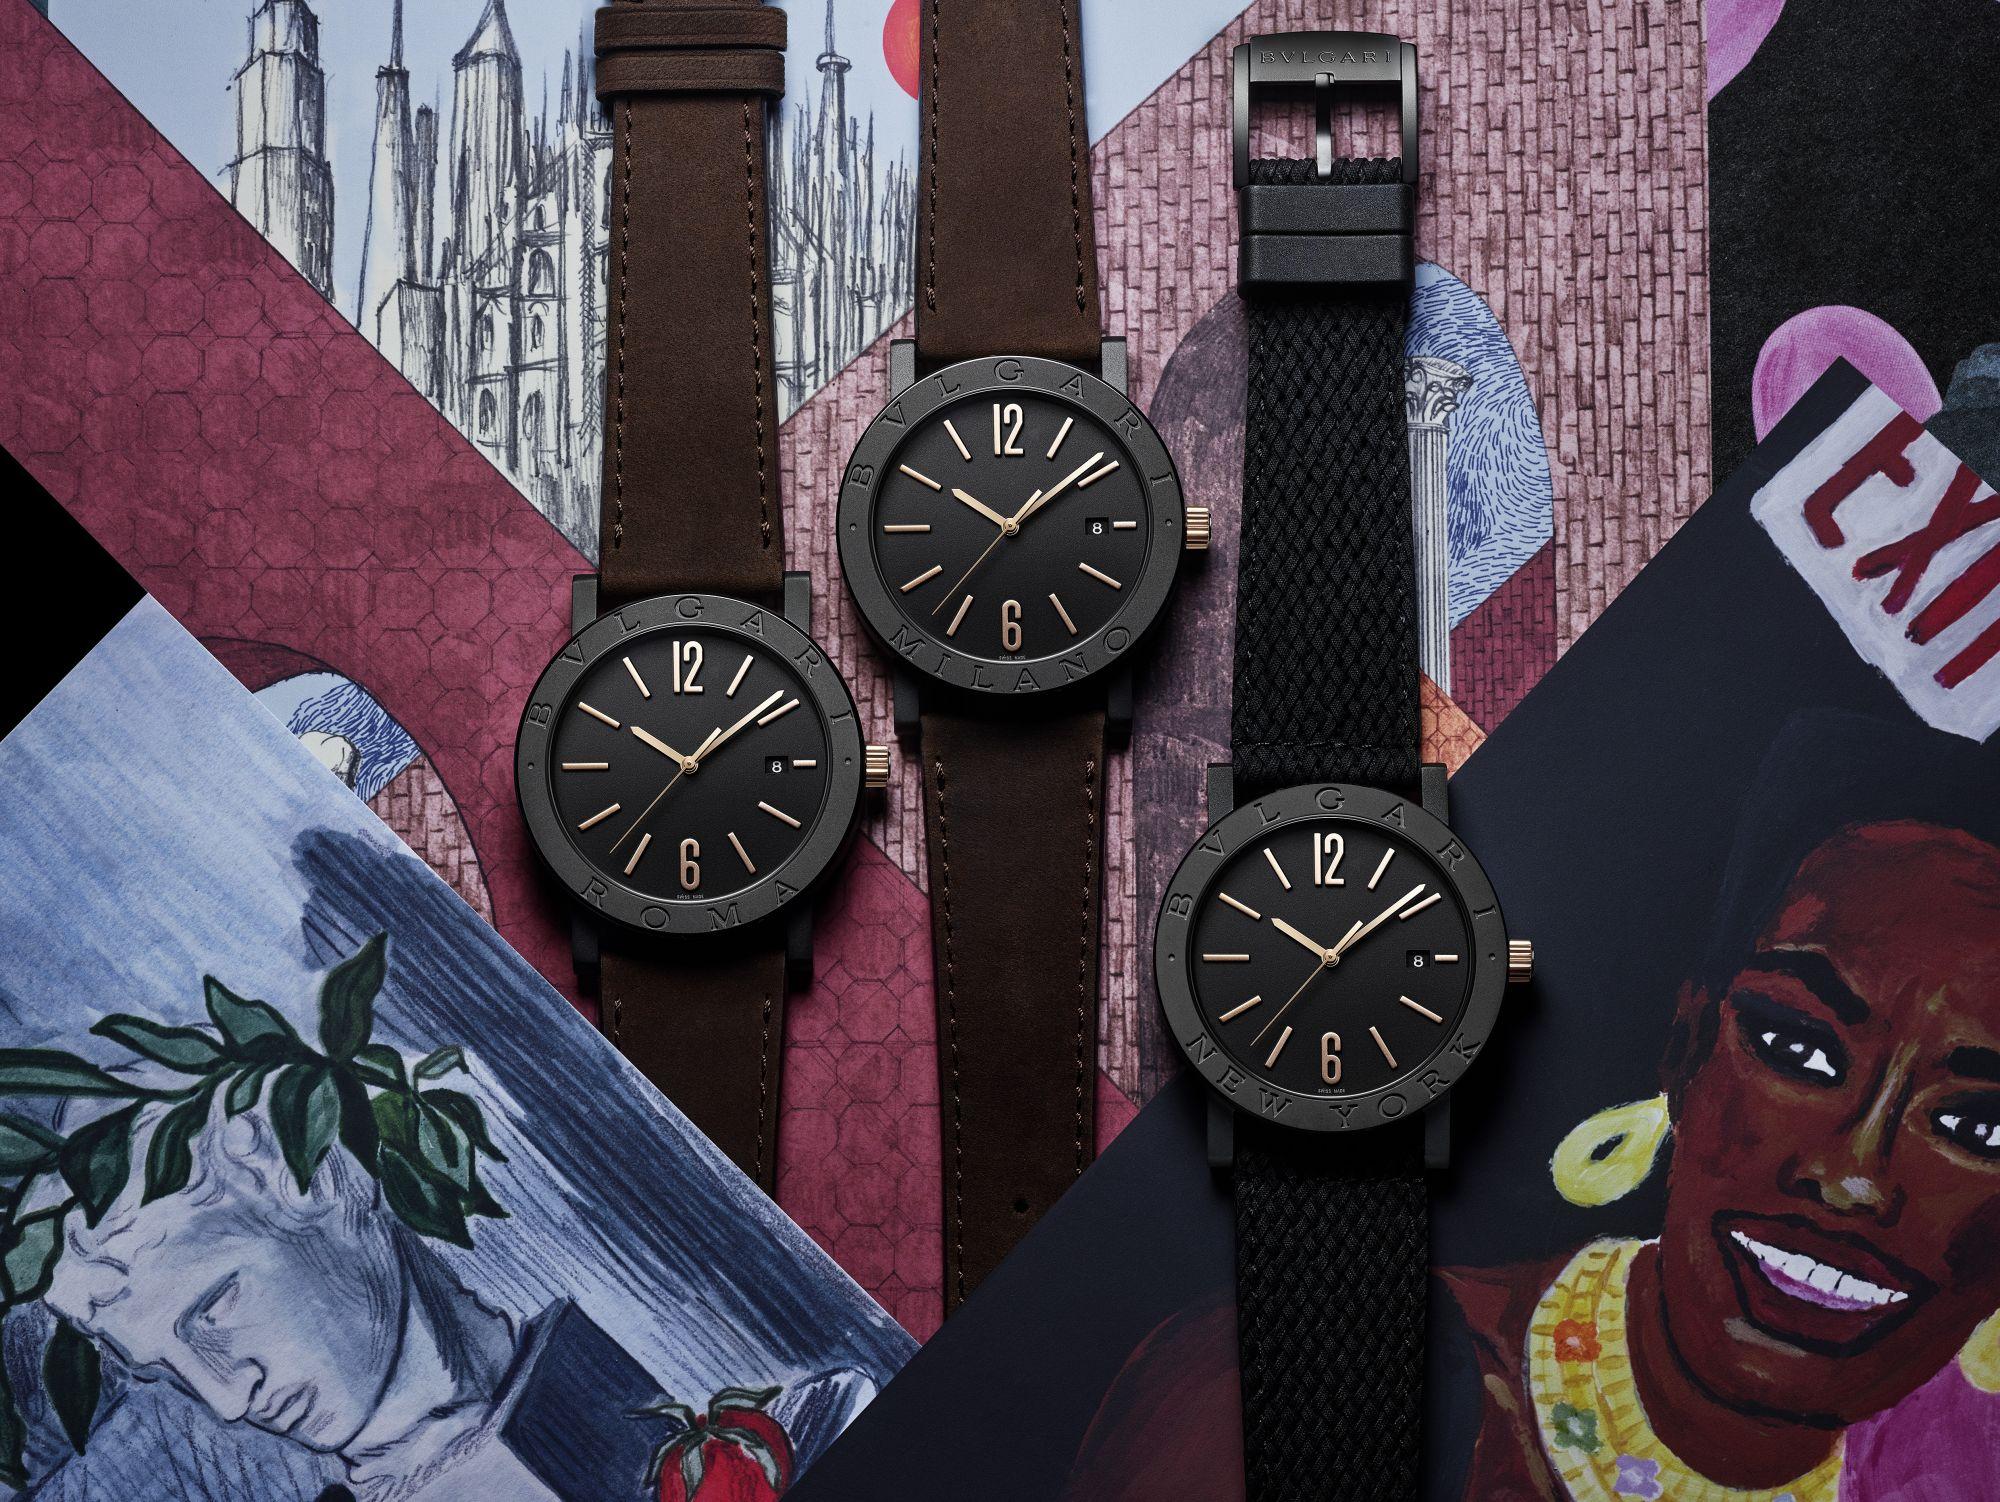 全新Bulgari Bulgari城市系列2020年特別版腕錶by Bulgari。